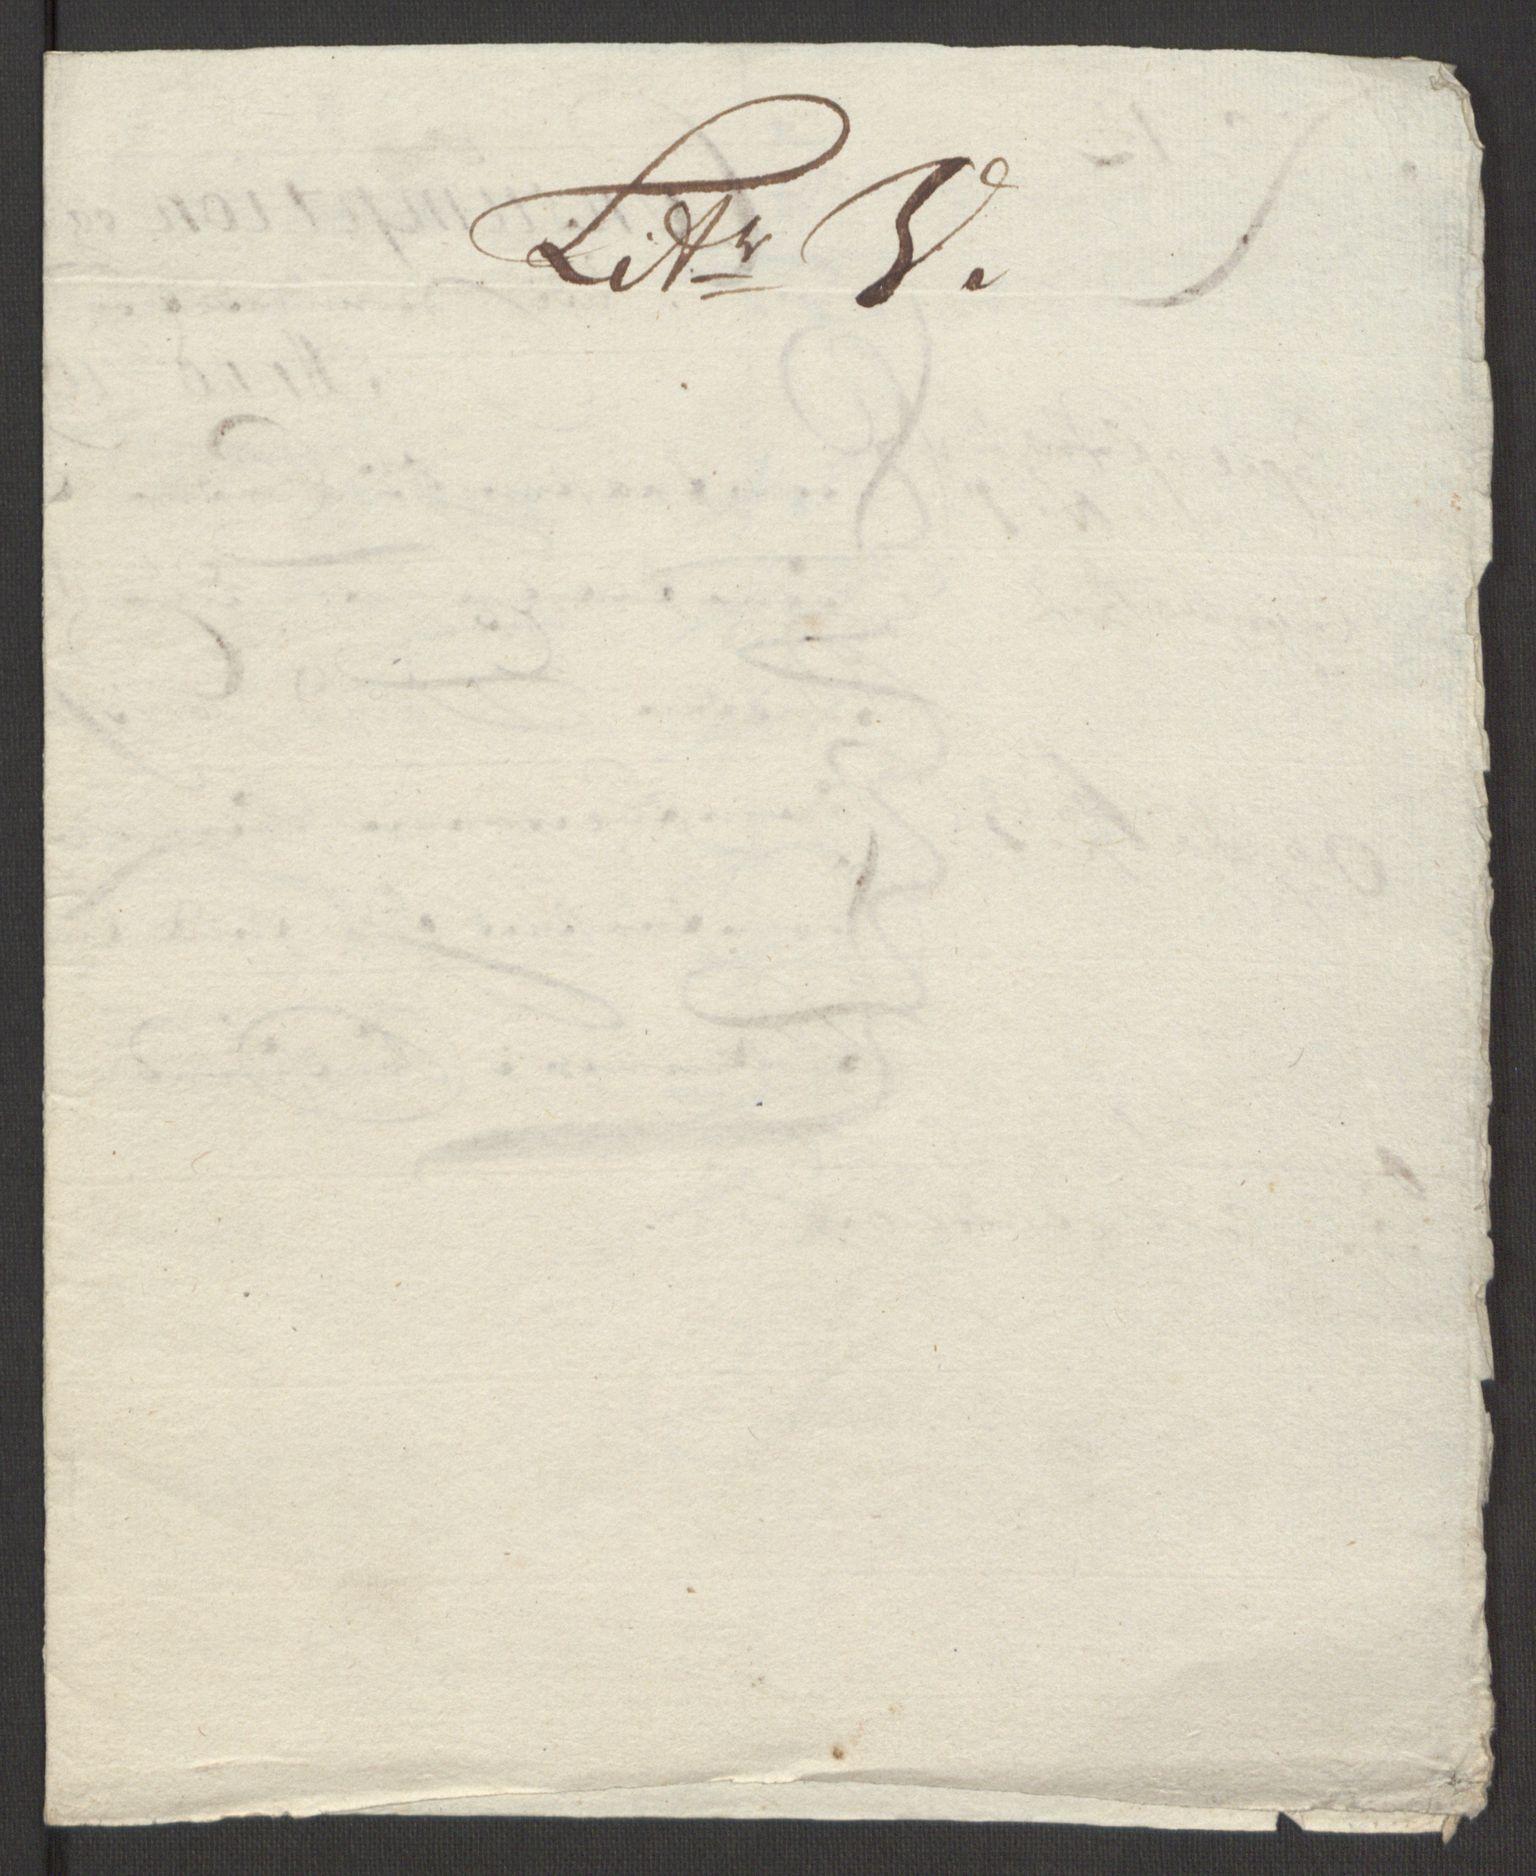 RA, Rentekammeret inntil 1814, Reviderte regnskaper, Fogderegnskap, R24/L1575: Fogderegnskap Numedal og Sandsvær, 1692-1695, s. 182